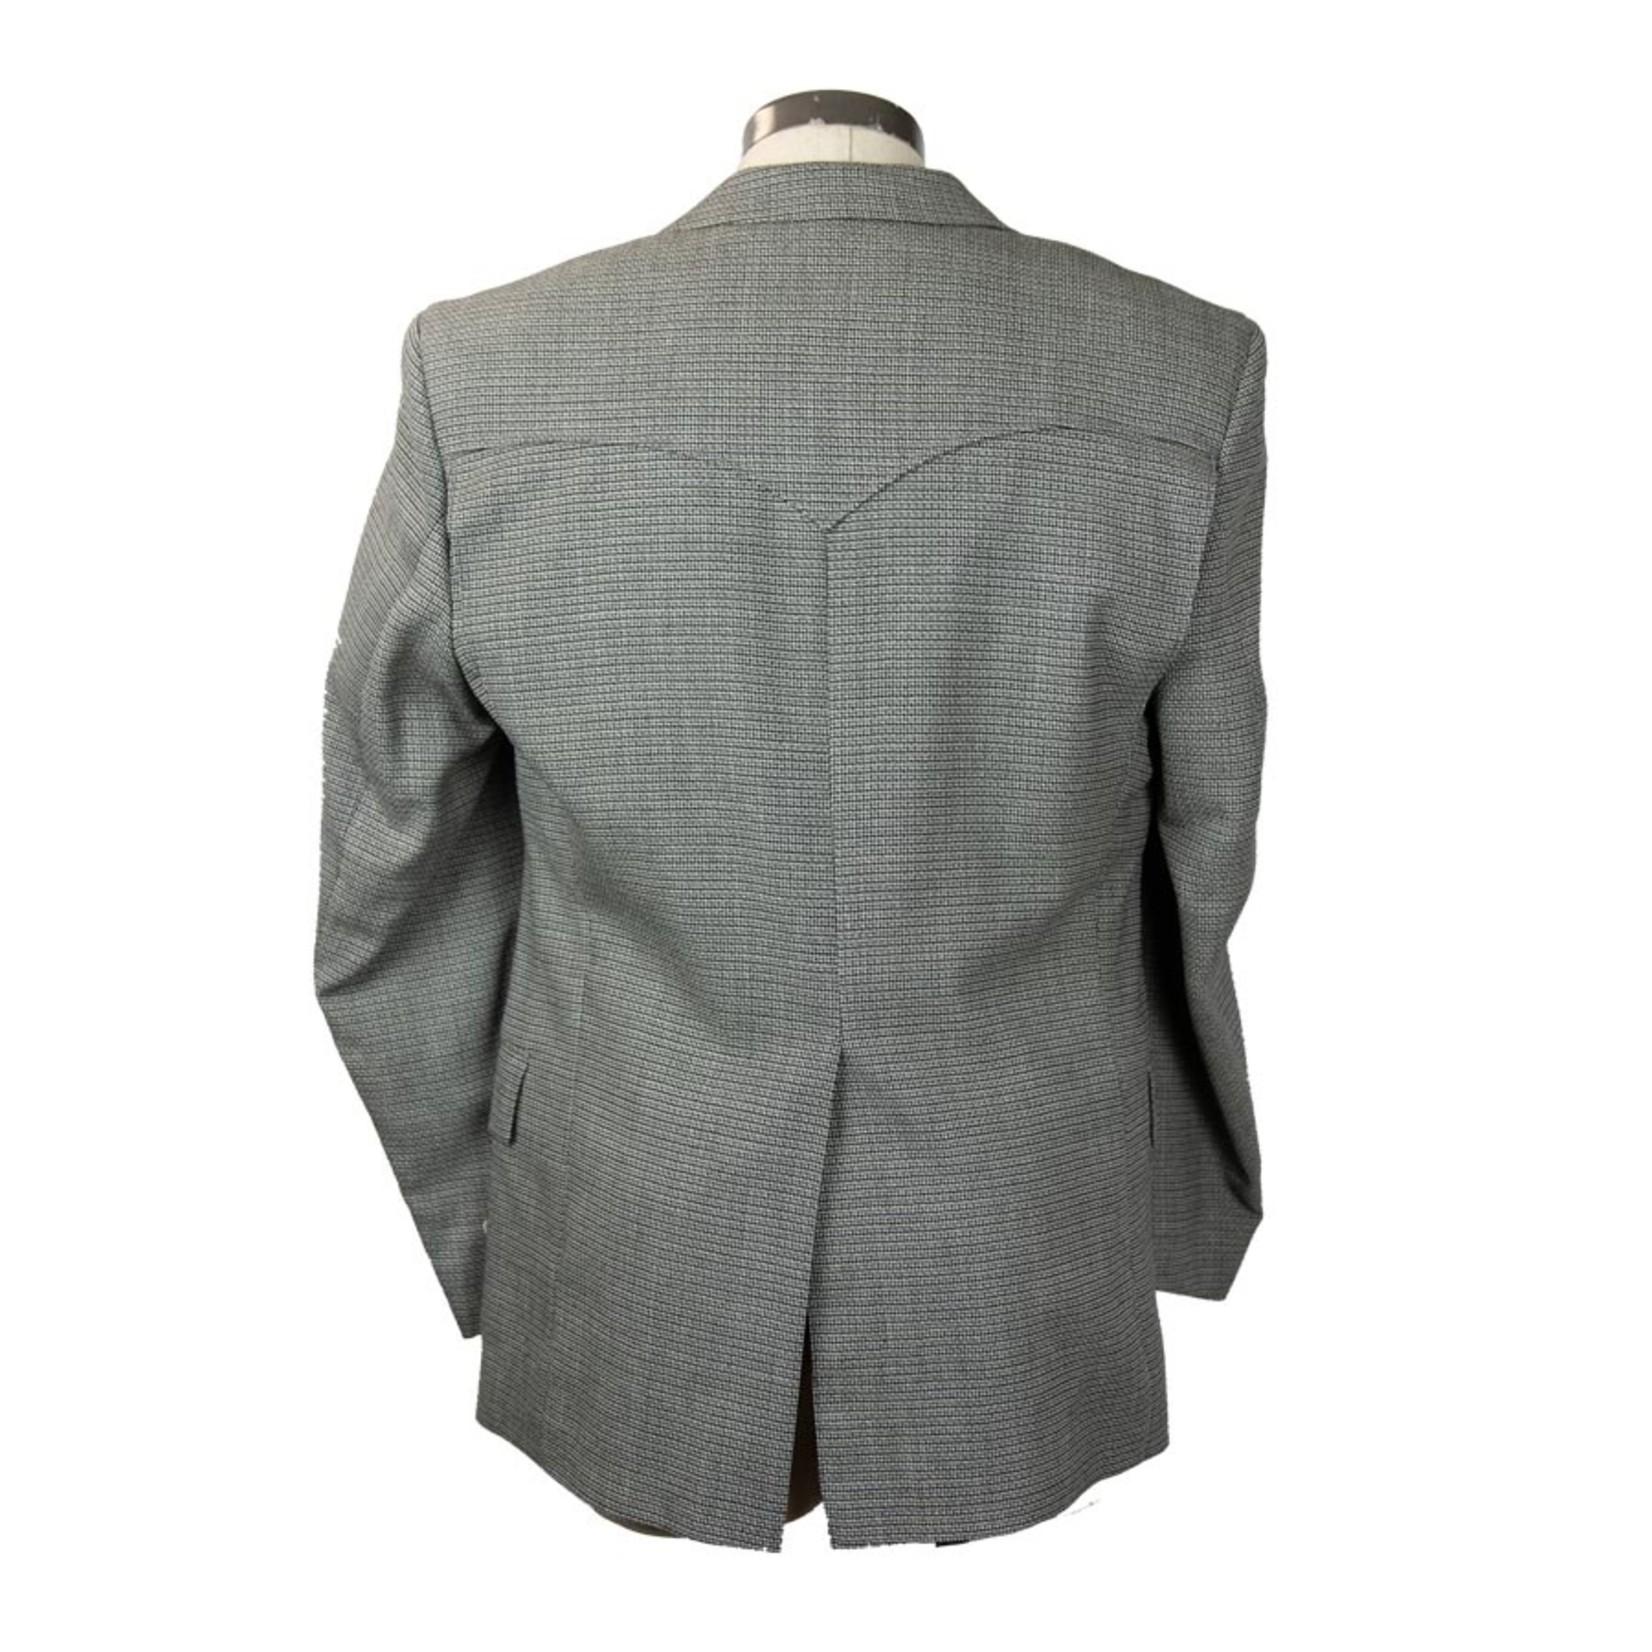 Dallas Rancher 100% Wool Vintage Suit Jacket - Size 40 - #27